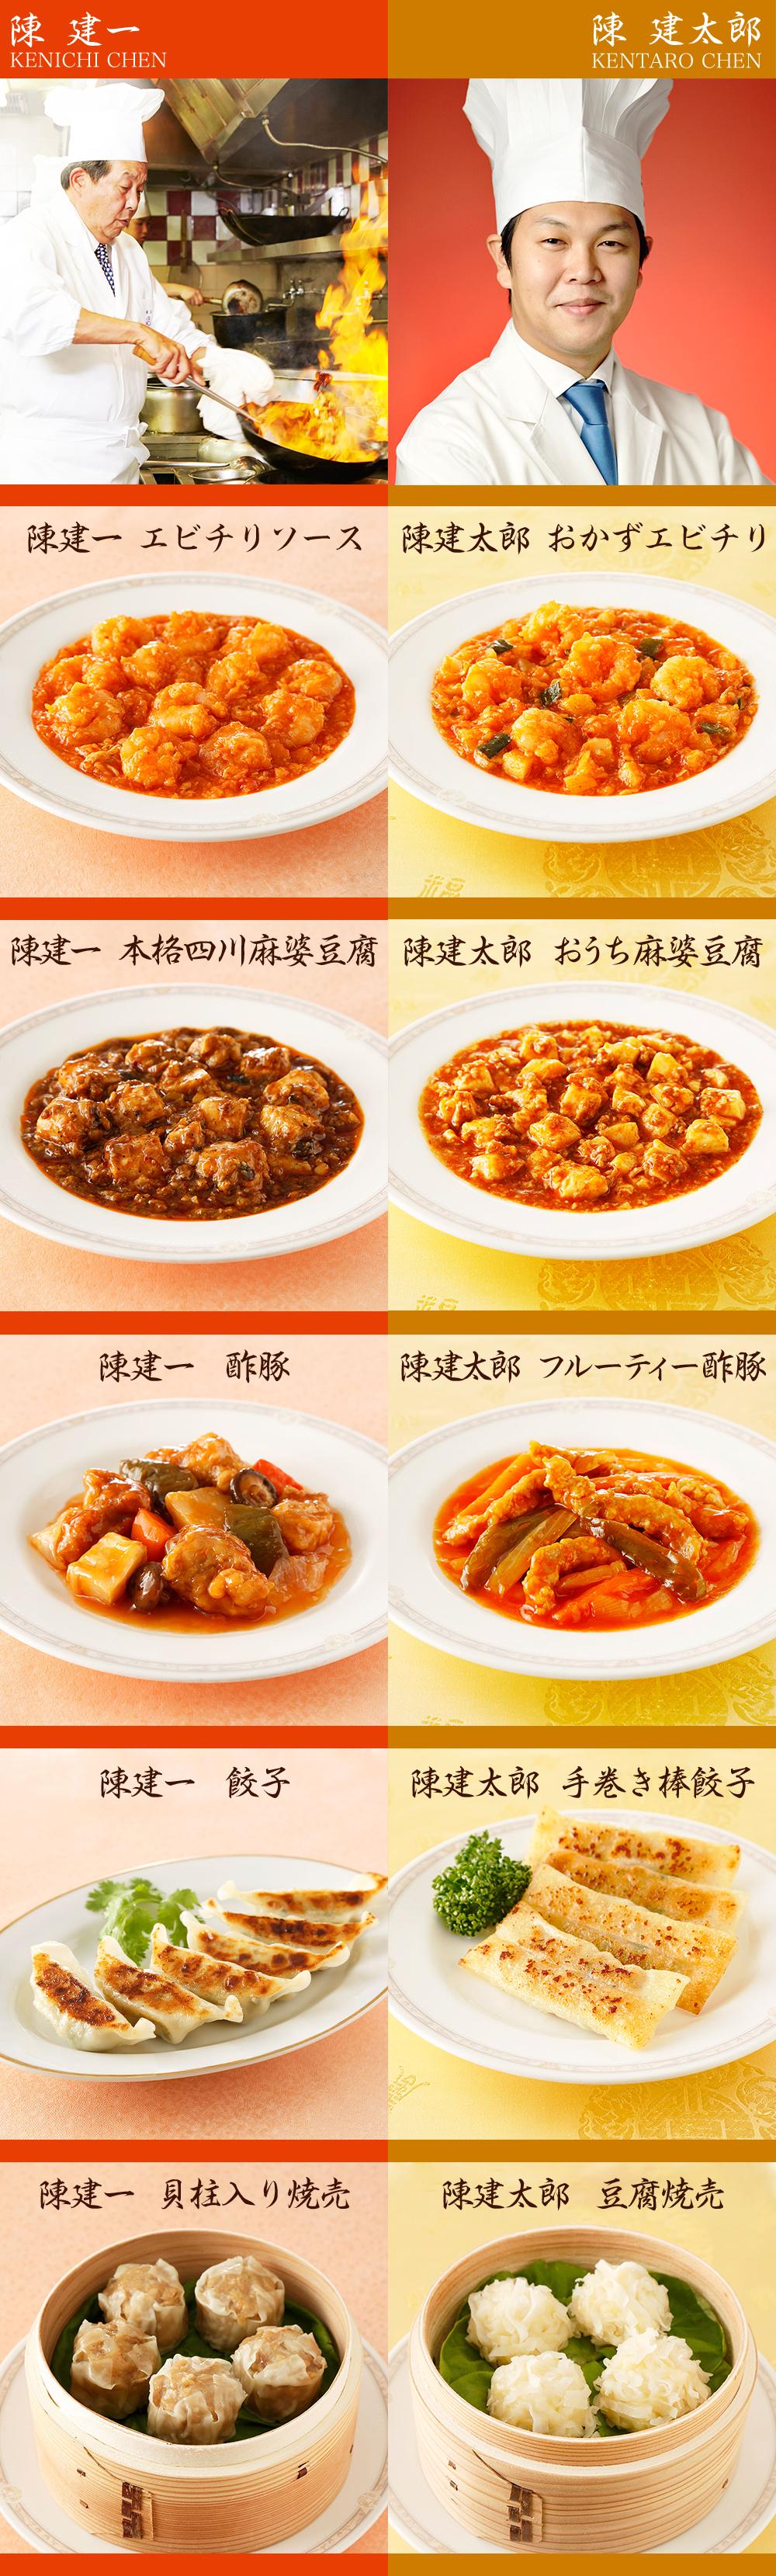 陳 建一・建太郎 両名が作る自慢の中華を食べ比べ